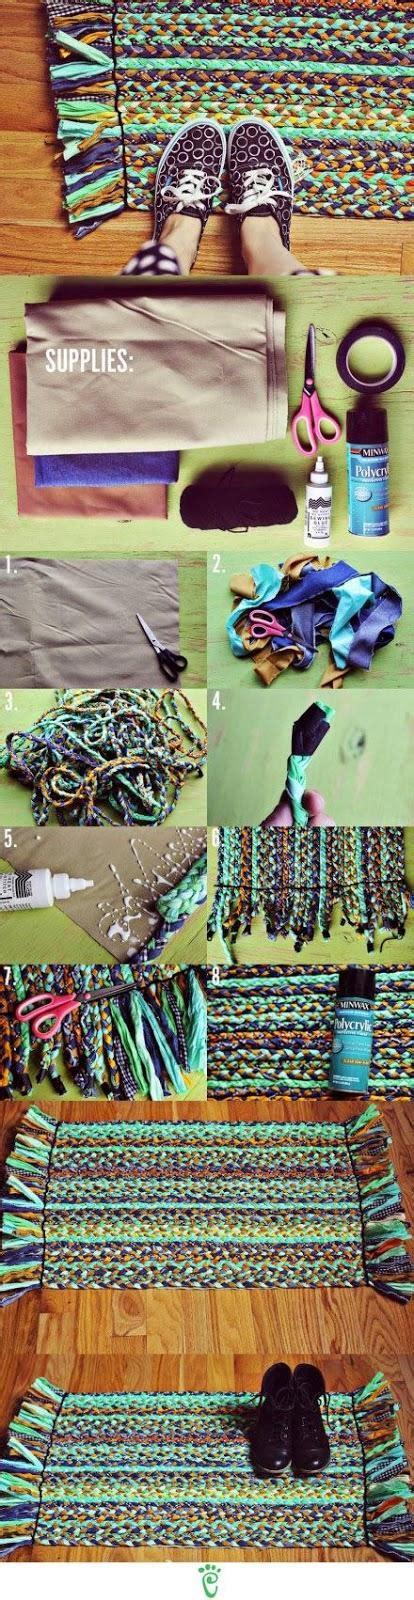 Tappeti Fai Da Te Come Fare Tappeti Riciclando Vecchie How To Store Rugs